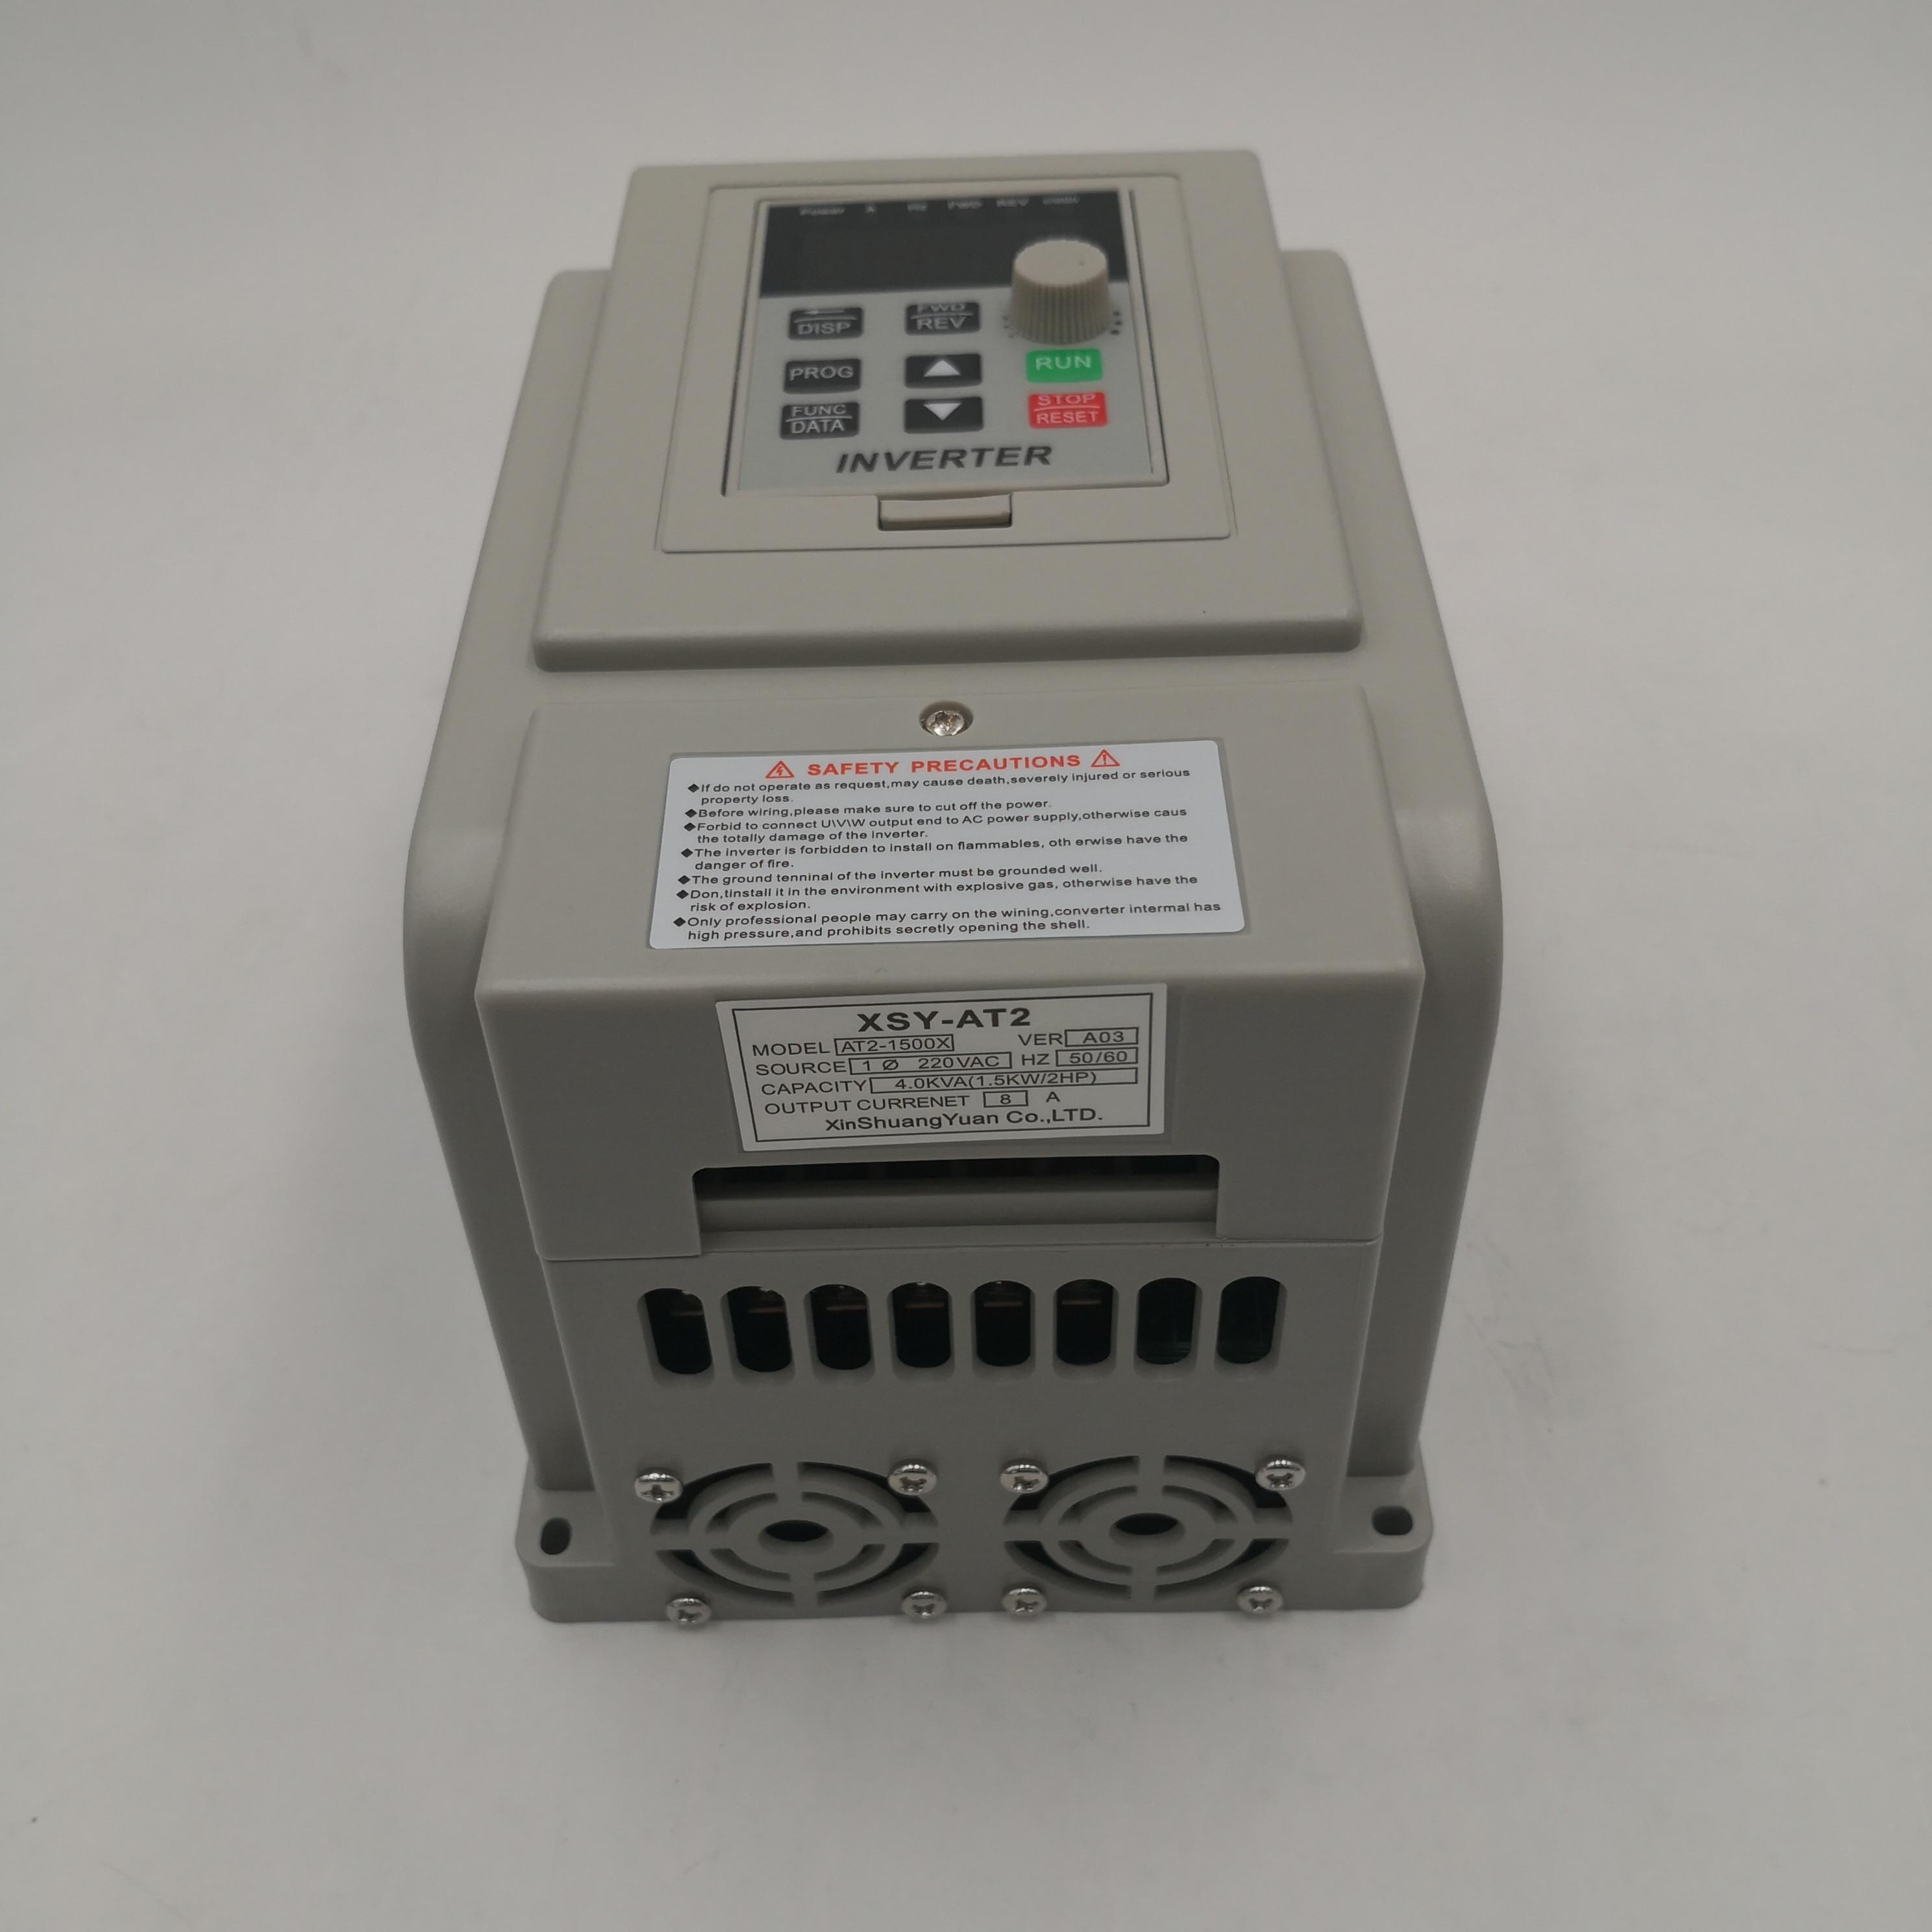 Частотно-регулируемым приводом AT2 0.45KW/0.75KW/1.5KW/2.2KW однофазный 220V и одиночной фазы выход преобразователь частоты для однофазный двигатель